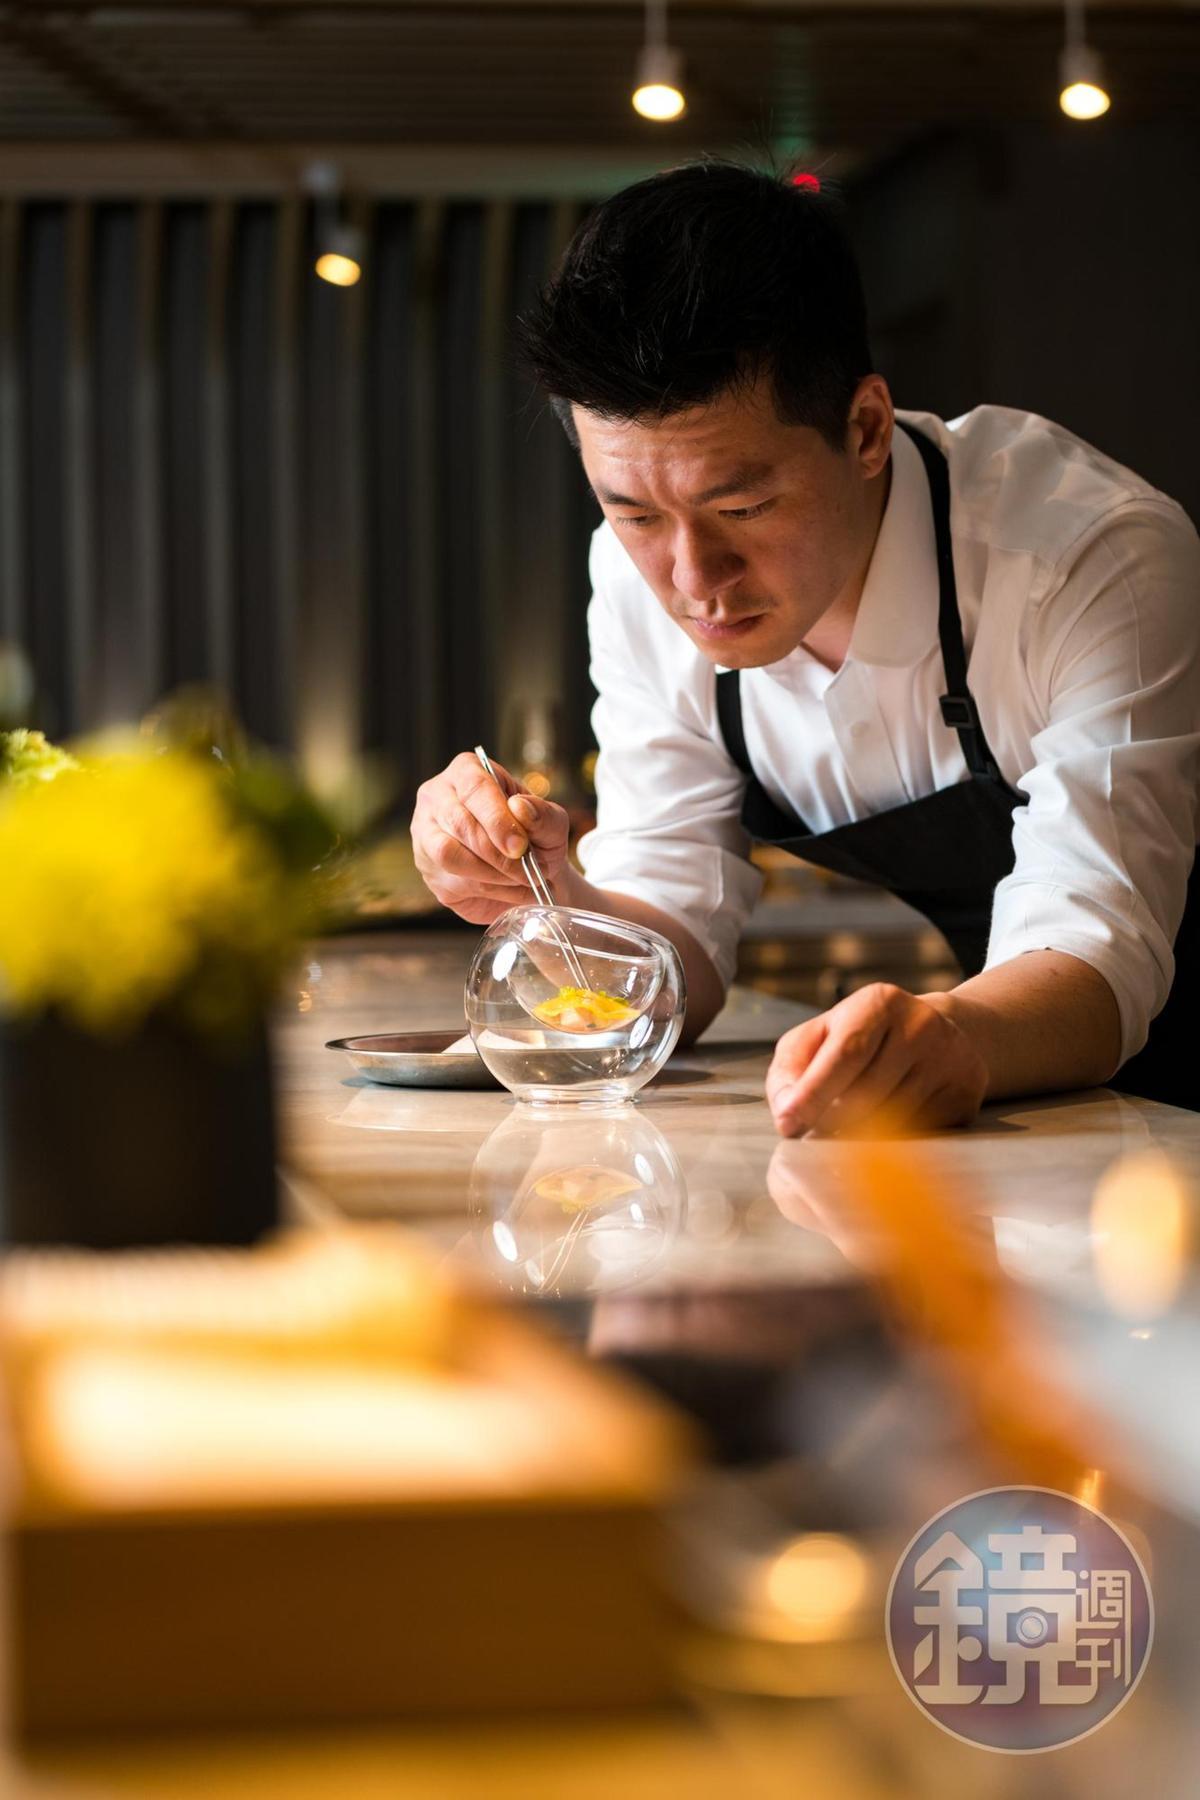 曾任美國米其林星餐廳主廚、近期也在台北新展店的李皞(Paul Lee)擔任餐飲顧問,打造小酒館菜色。